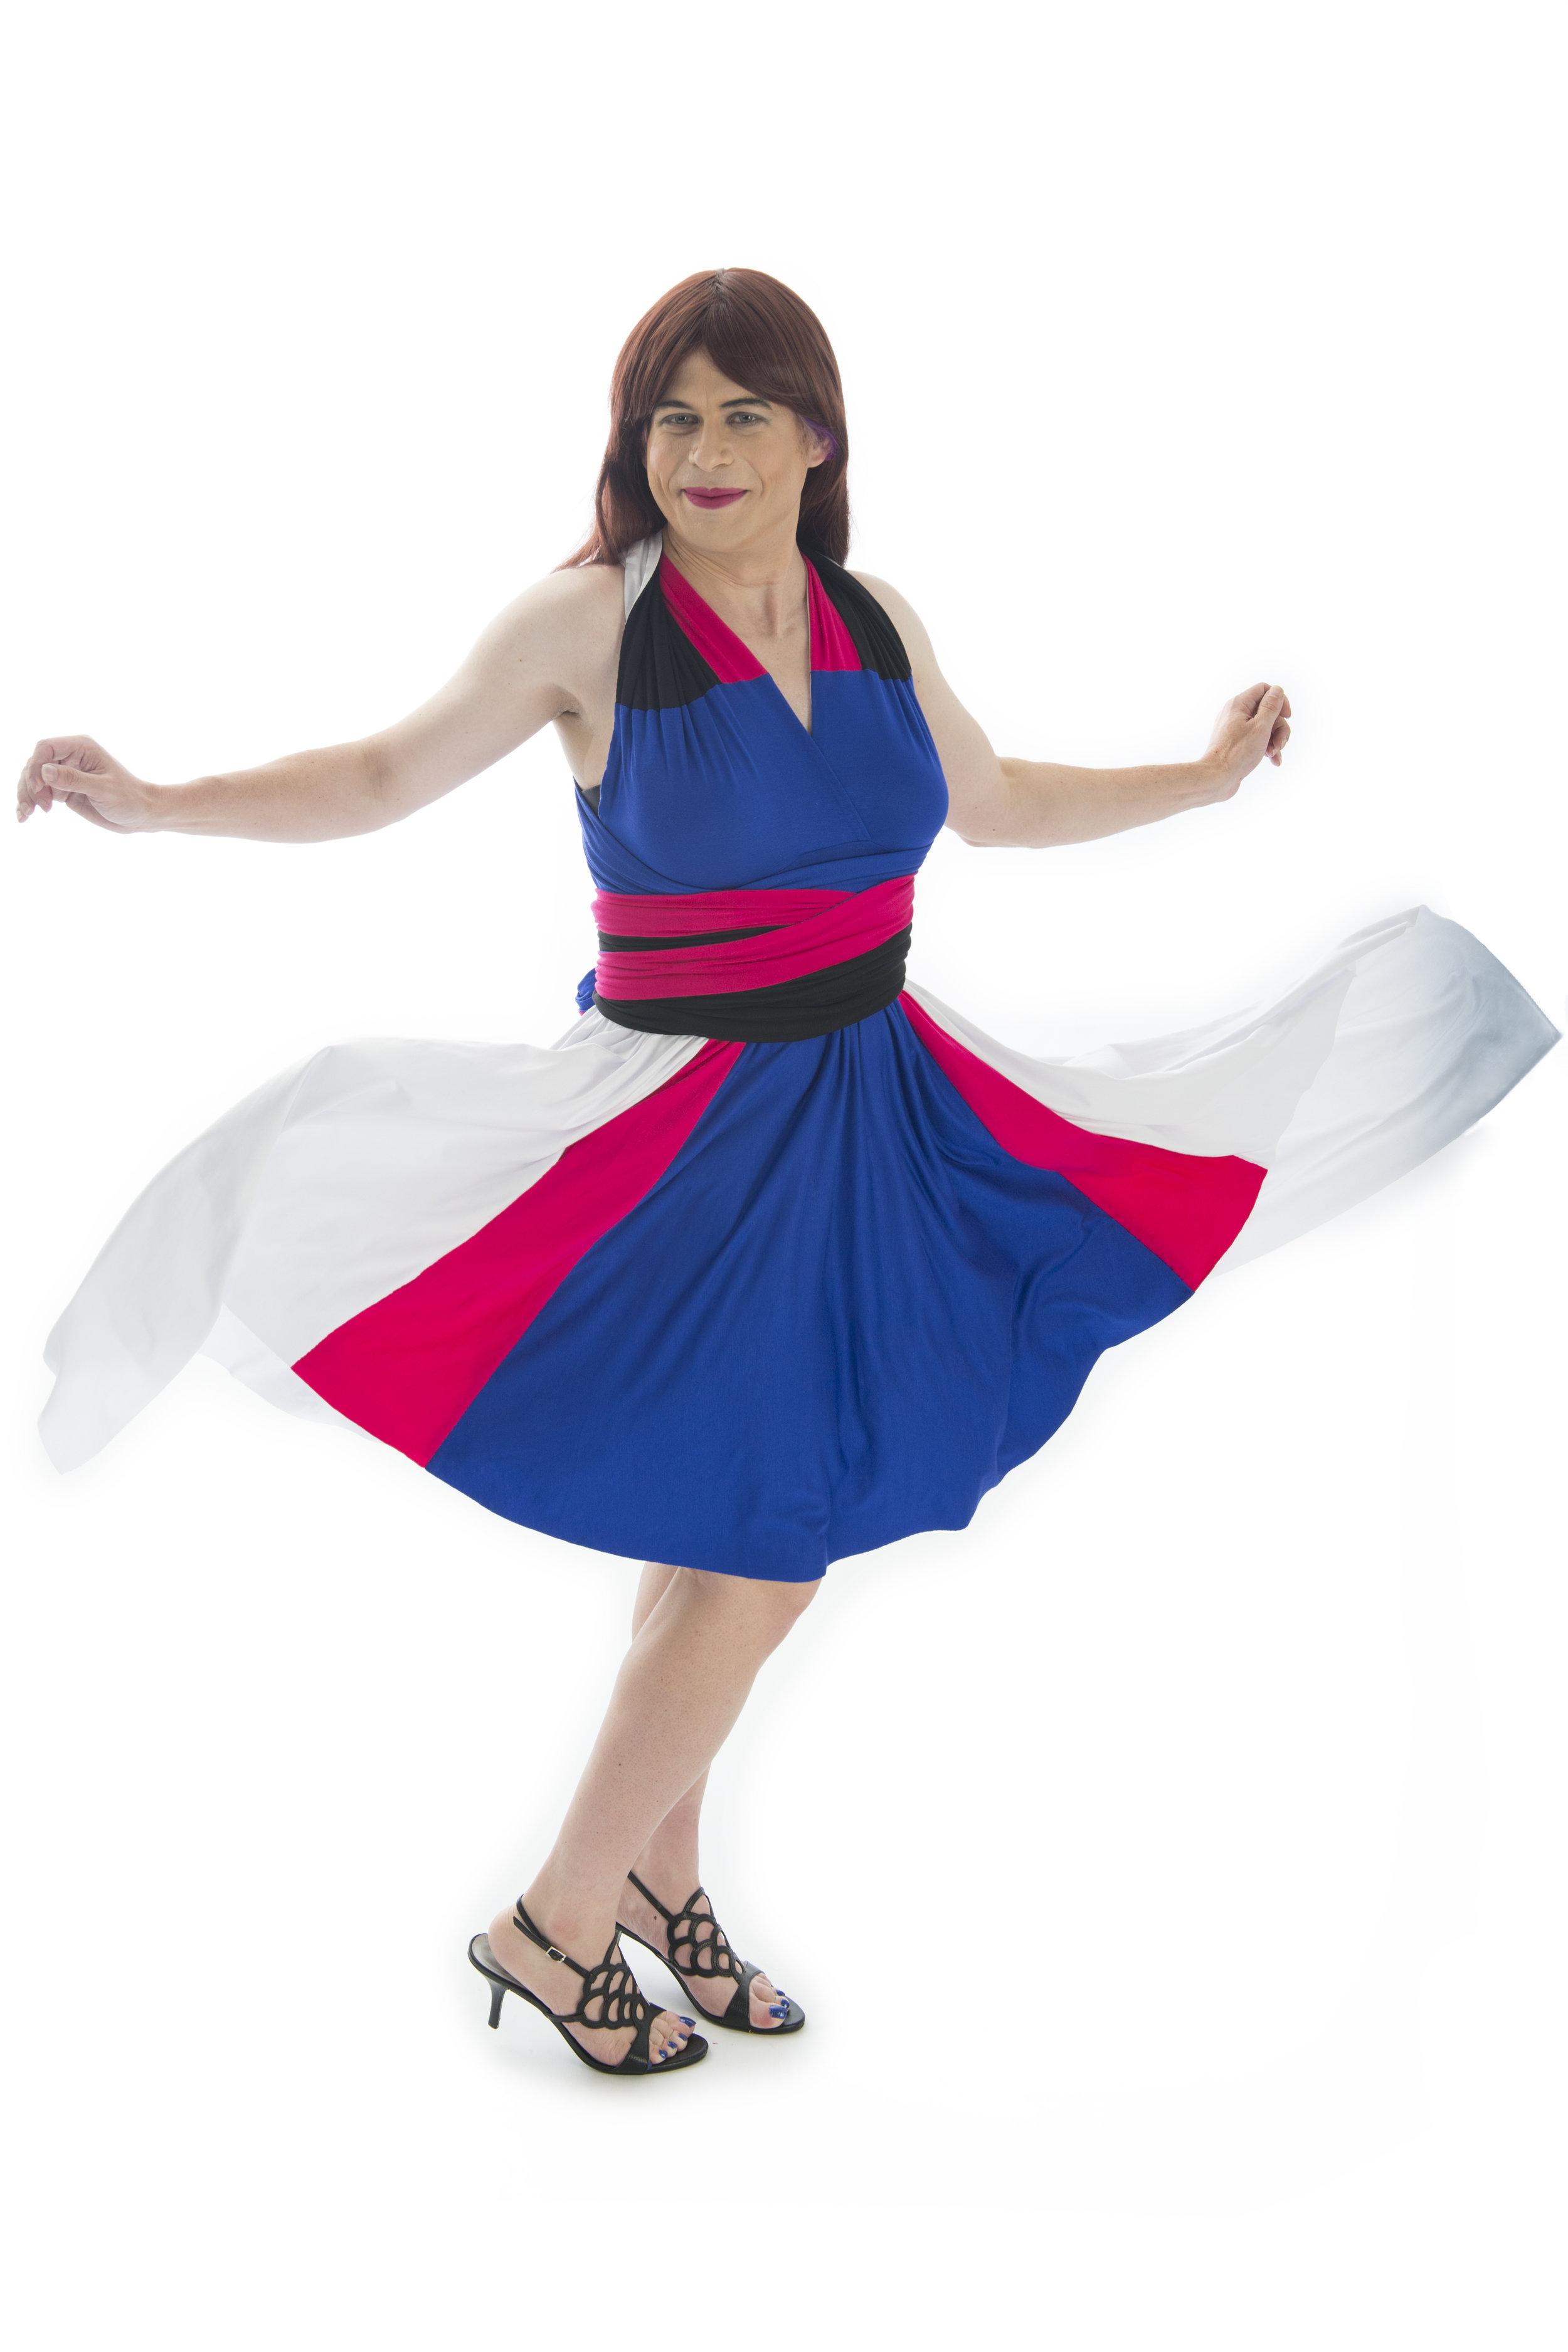 Mech Pilot Inspired Convertible Dress